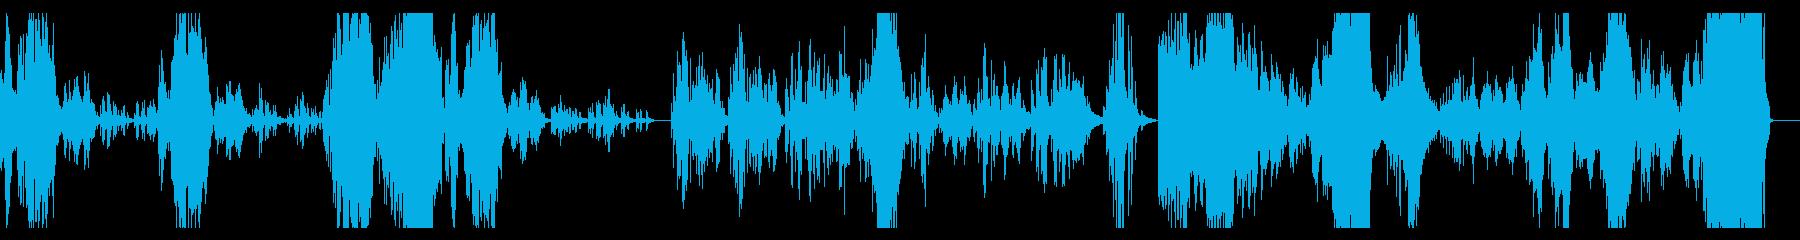 ソナチネ ラヴェルの再生済みの波形